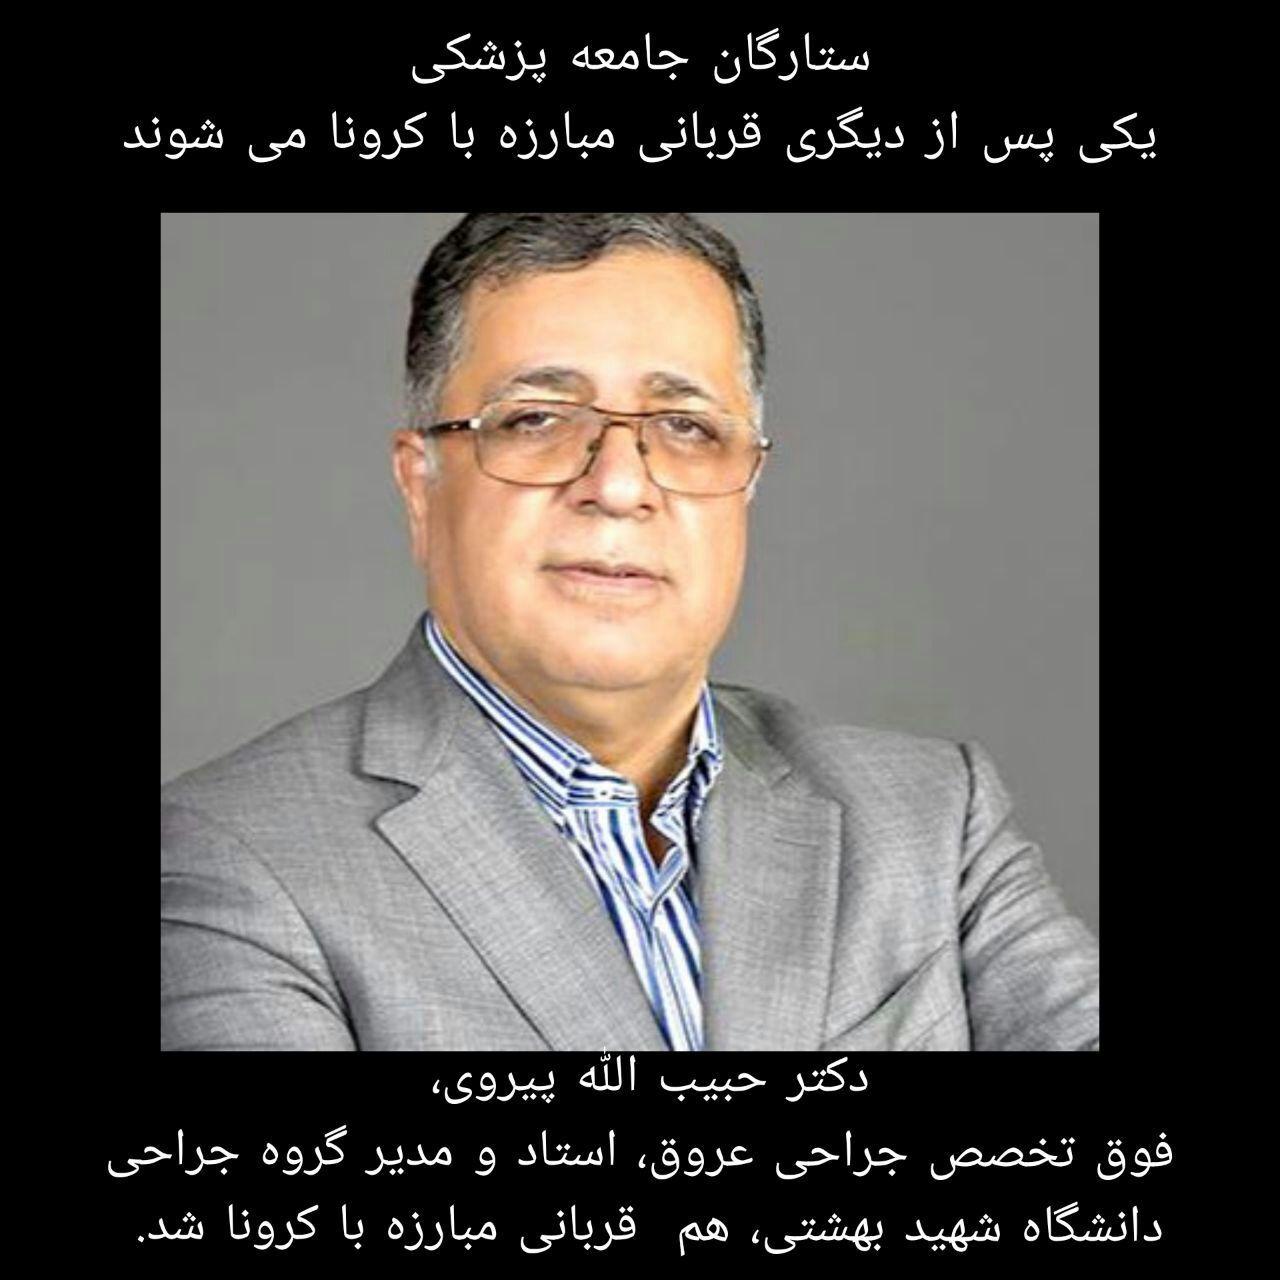 دکتر حبیب الله پیروی، از اساتی … 883849001583792404